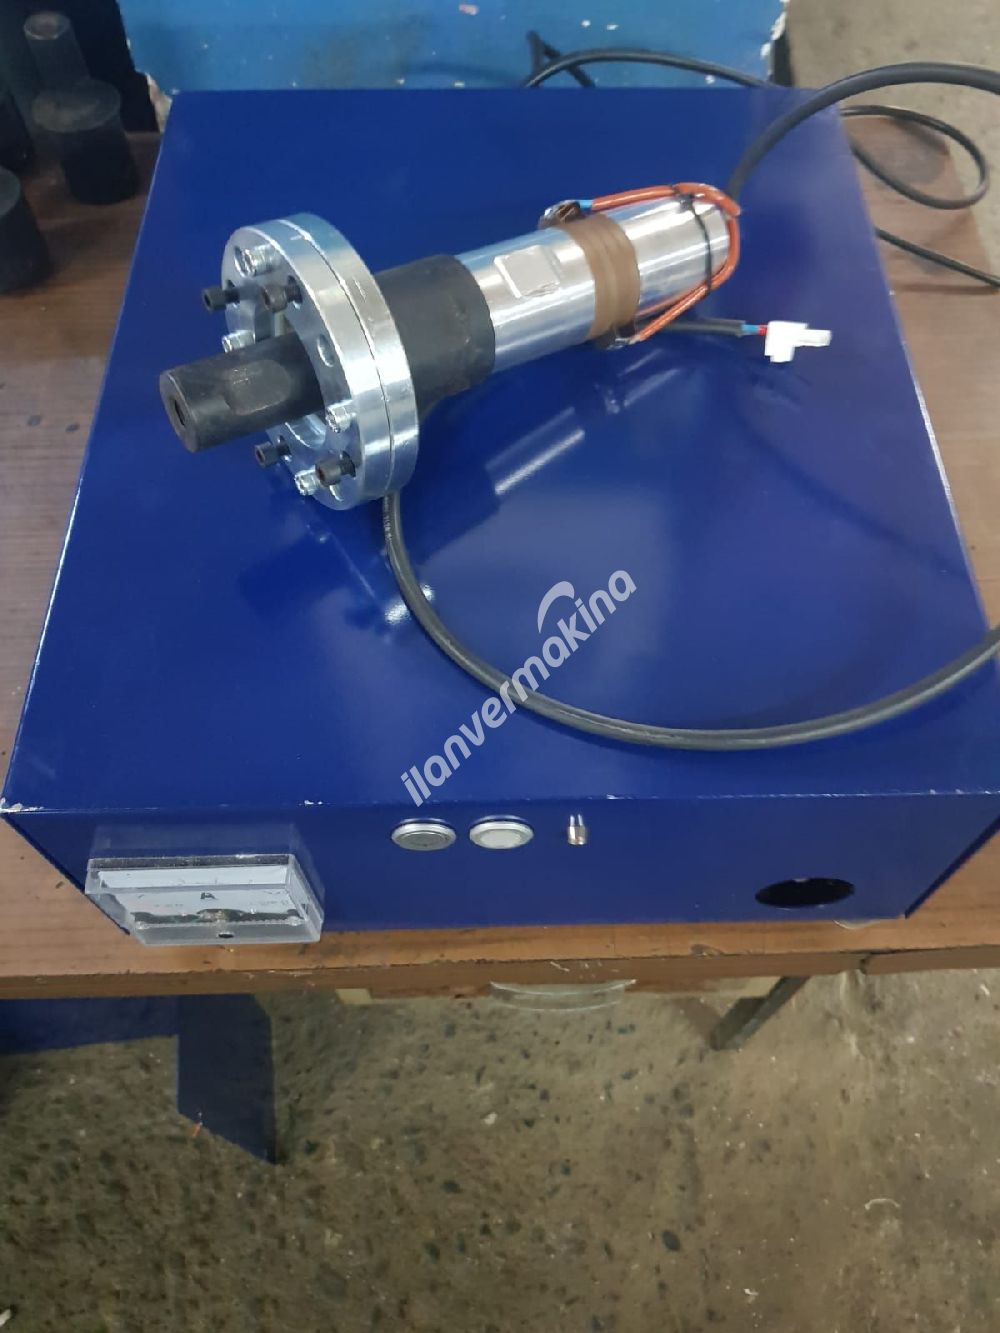 Ultrasonik jeneratör %100 Türk malı 20 yıllık tecrübe